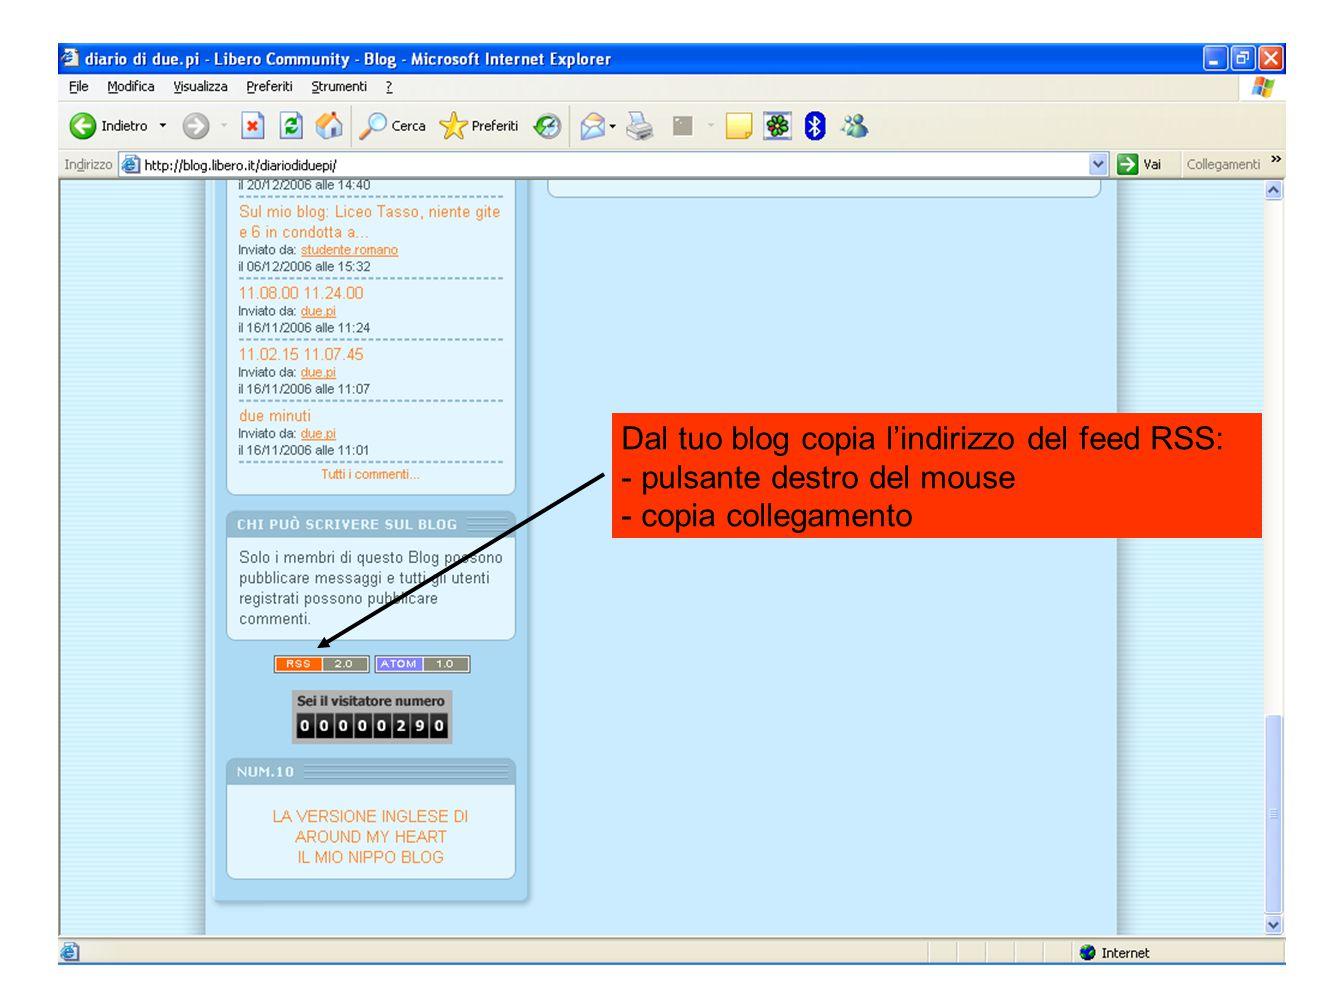 Dal tuo blog copia l'indirizzo del feed RSS: - pulsante destro del mouse - copia collegamento